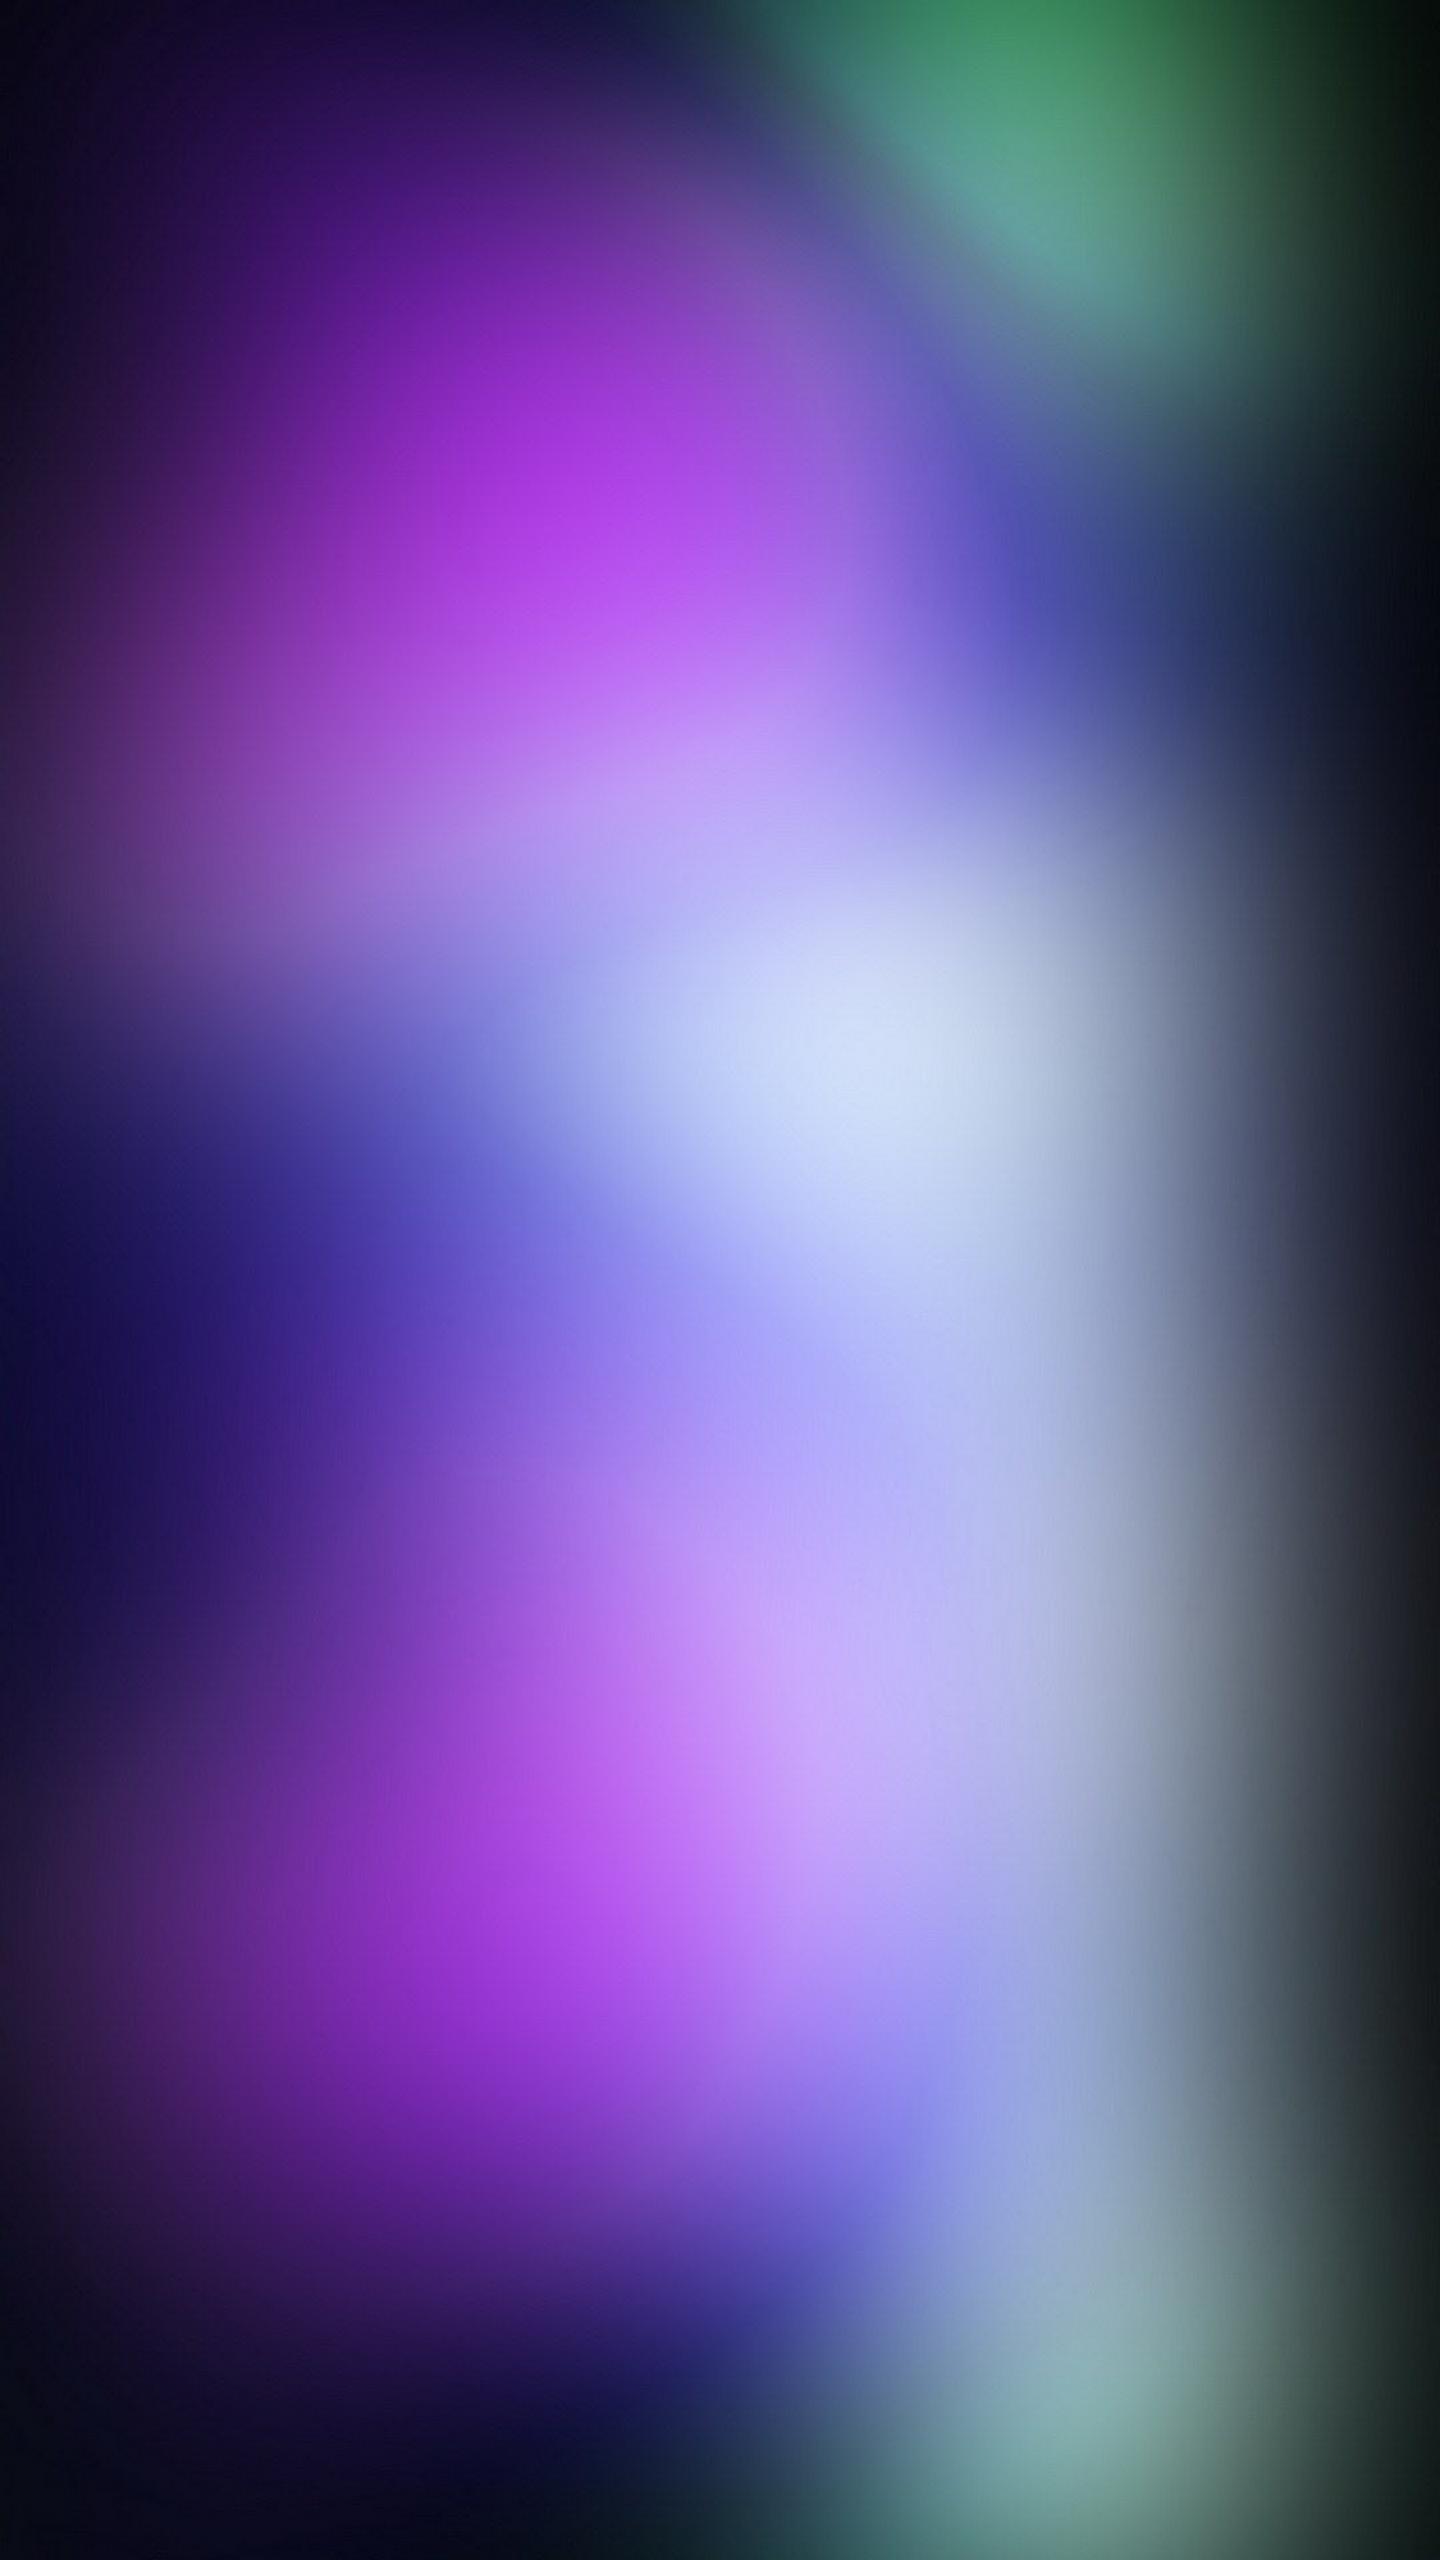 Electric Blue Purple Blur Galaxy Note 4 Wallpaper, Quad HD, 1440x2560 ...